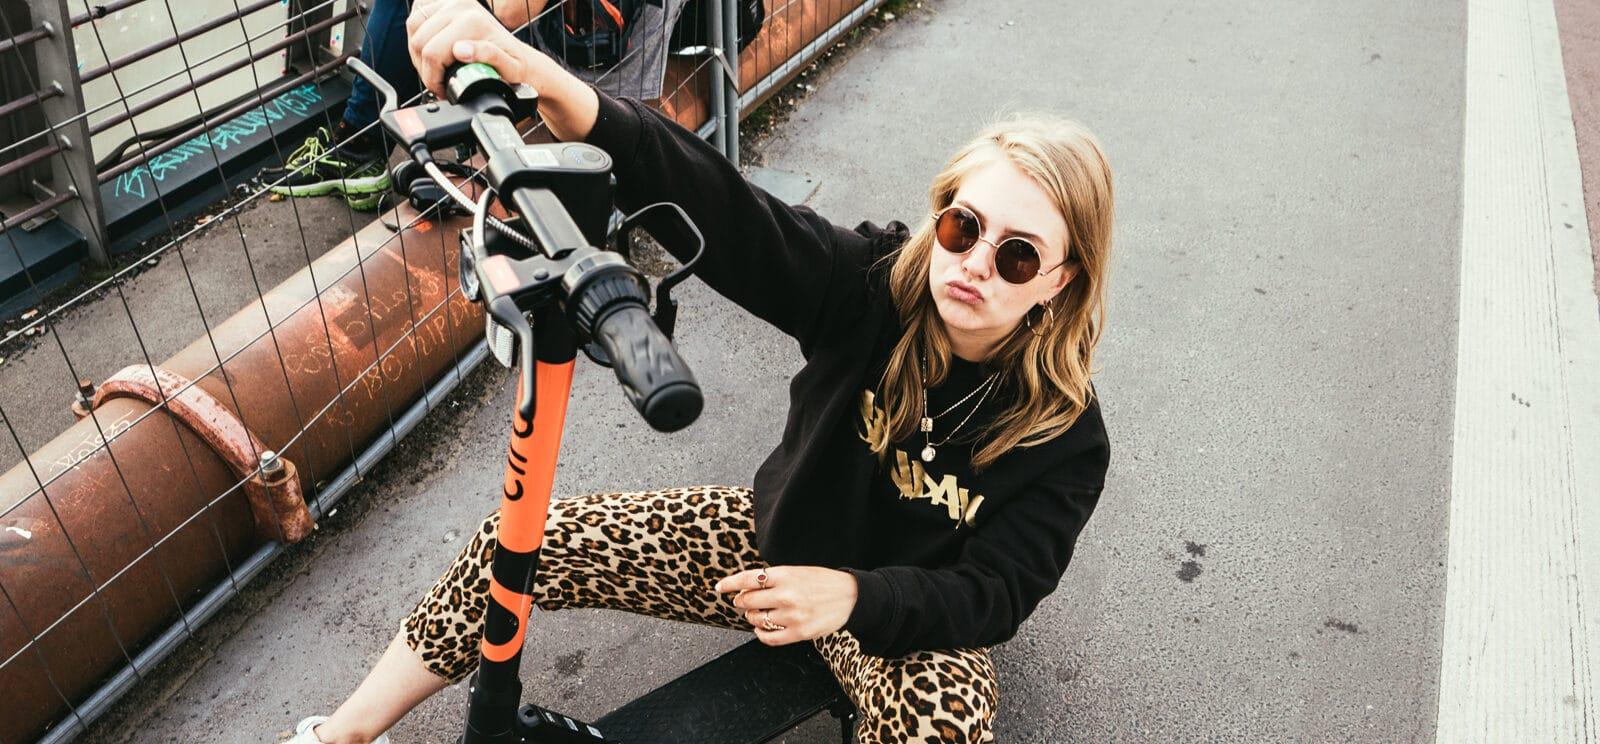 Foto von junger Frau die auf einem E-Roller sitzt und in die Kamera guckt. Aus dem Artikel: So ist mein Job als Social Media Managerin – 24/7 online?